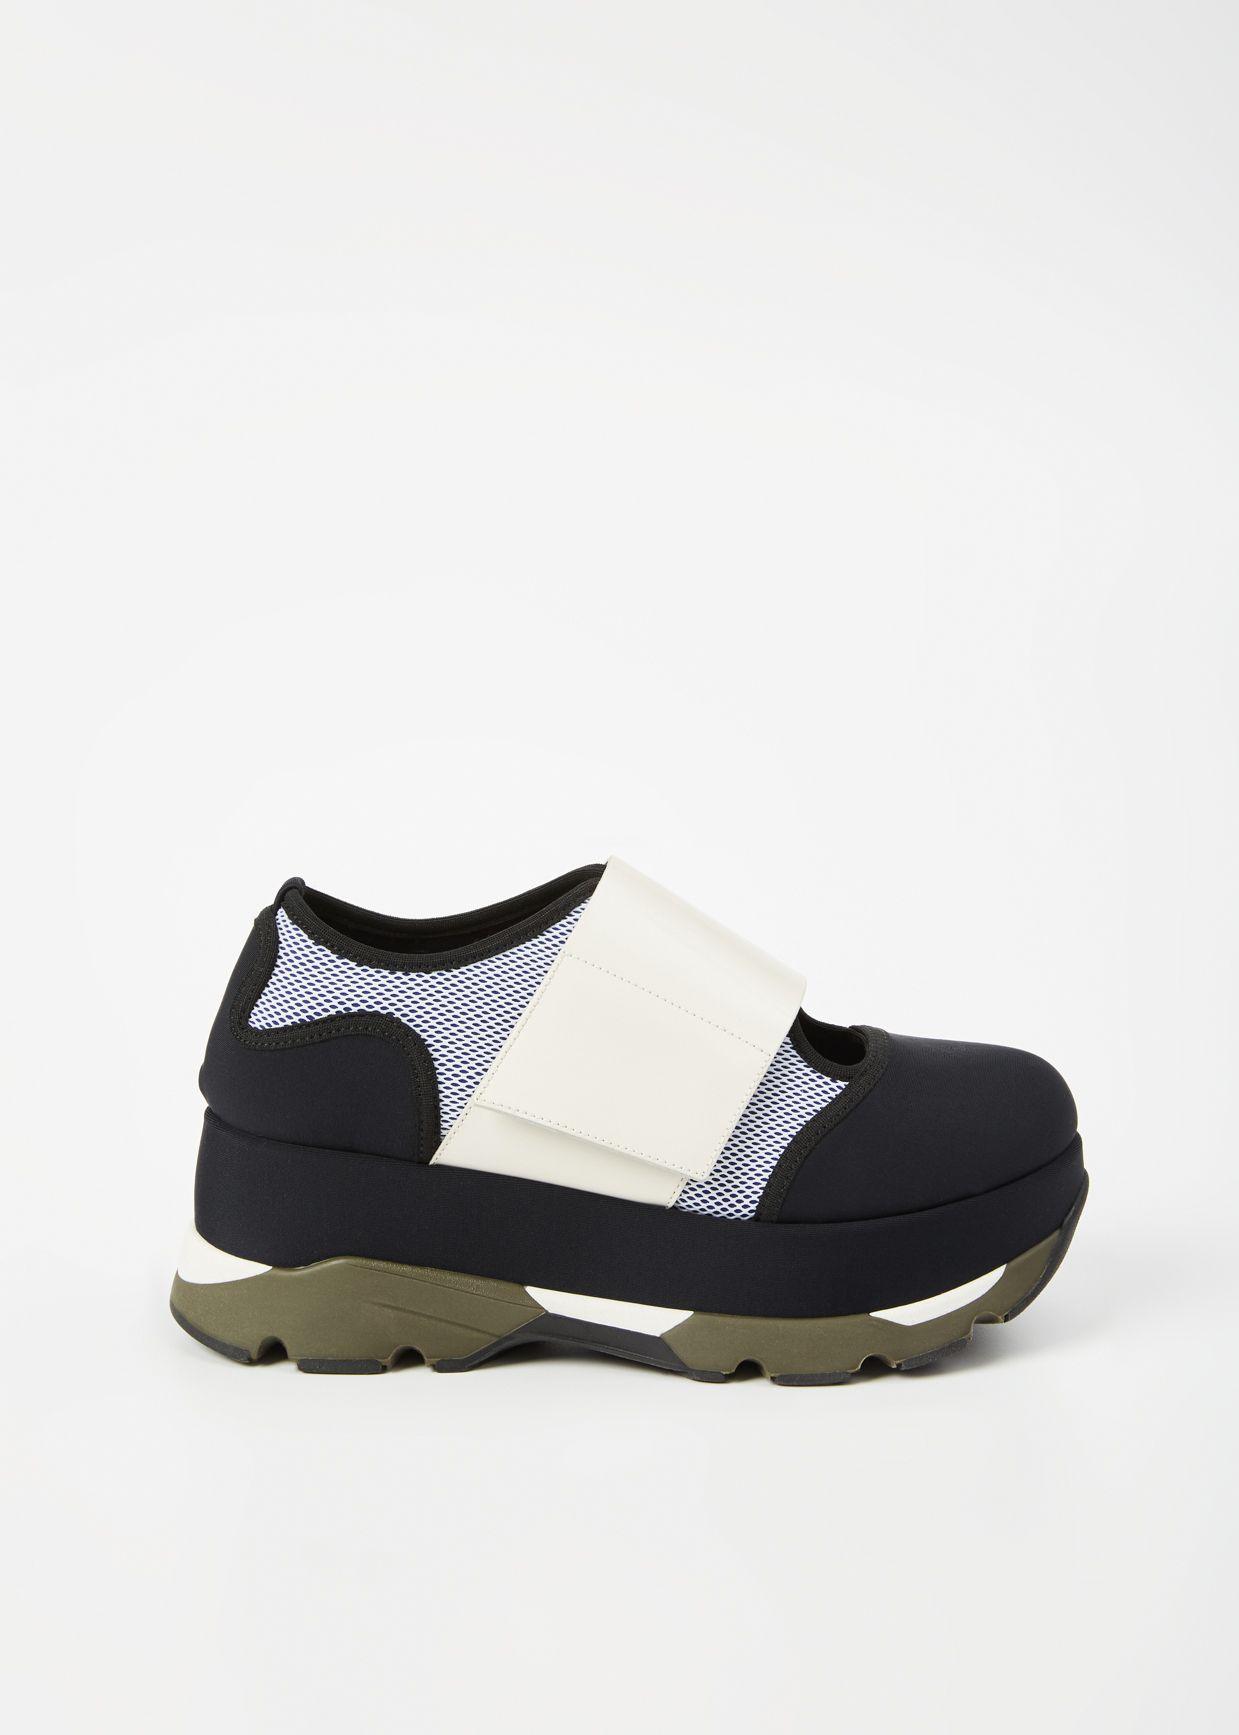 8a40a11a509 Marni Platform Sneaker (Black   White)